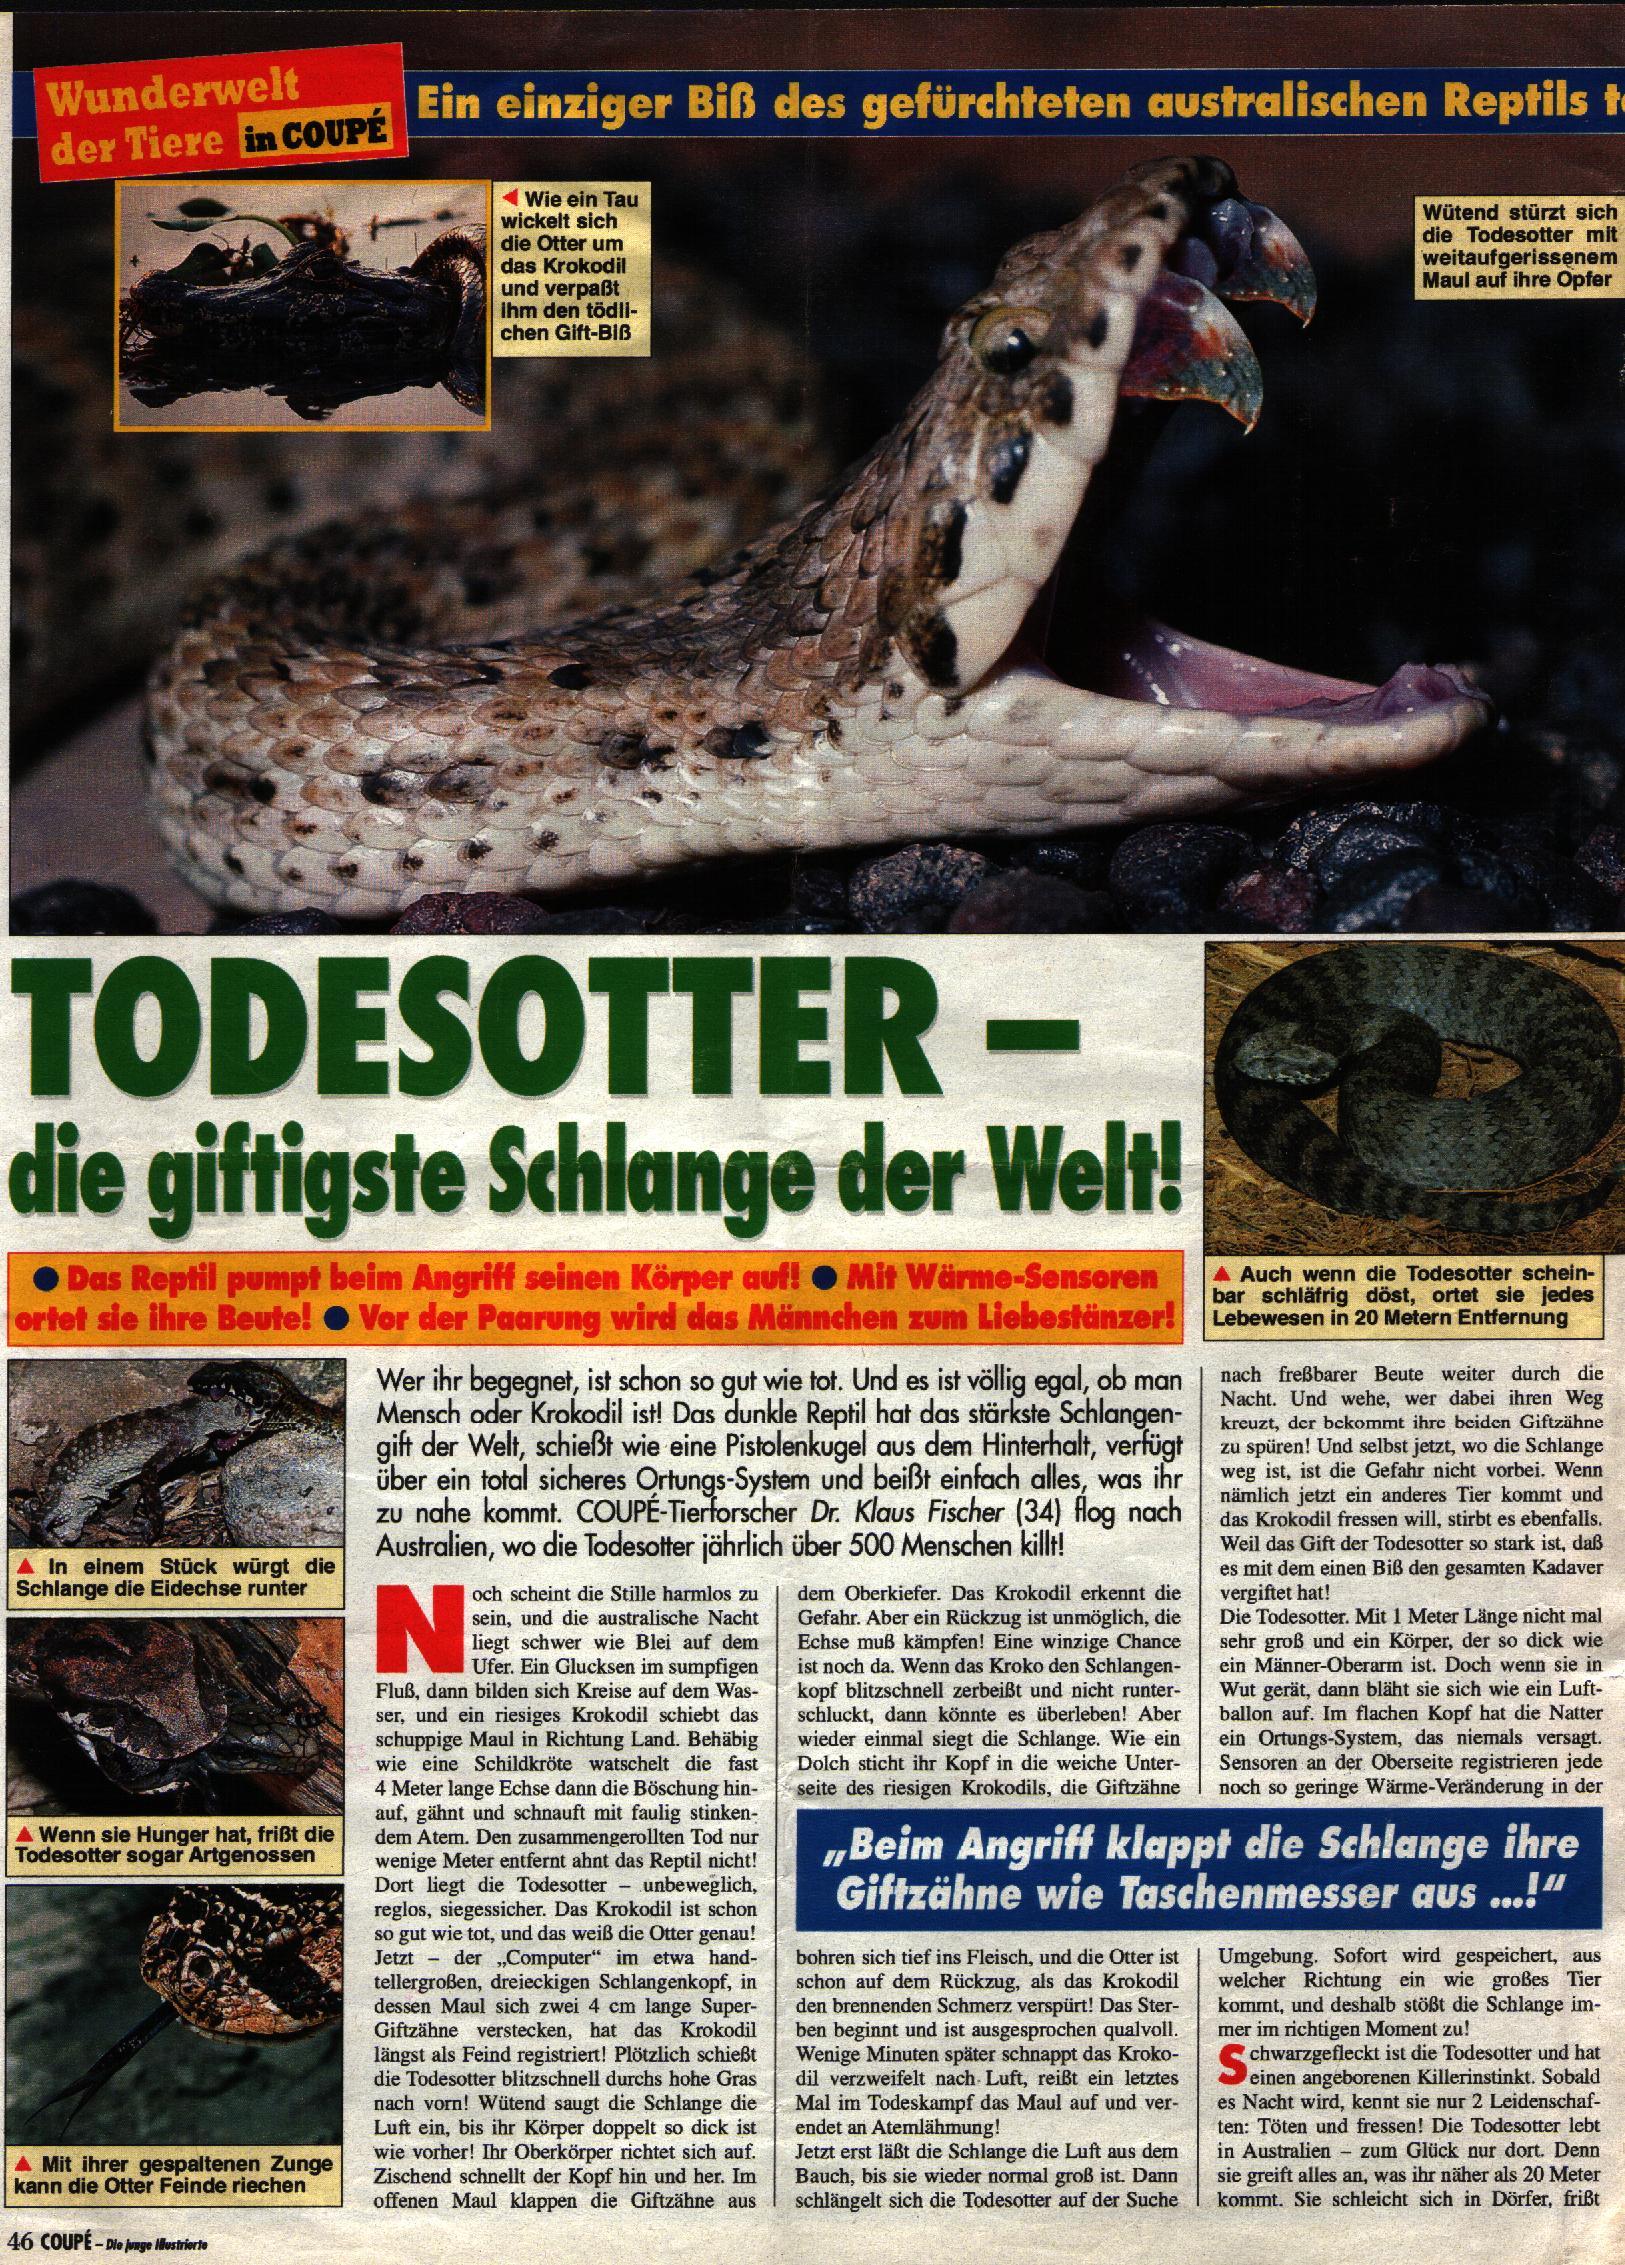 Lebende frau frisst anaconda Können Schlangen